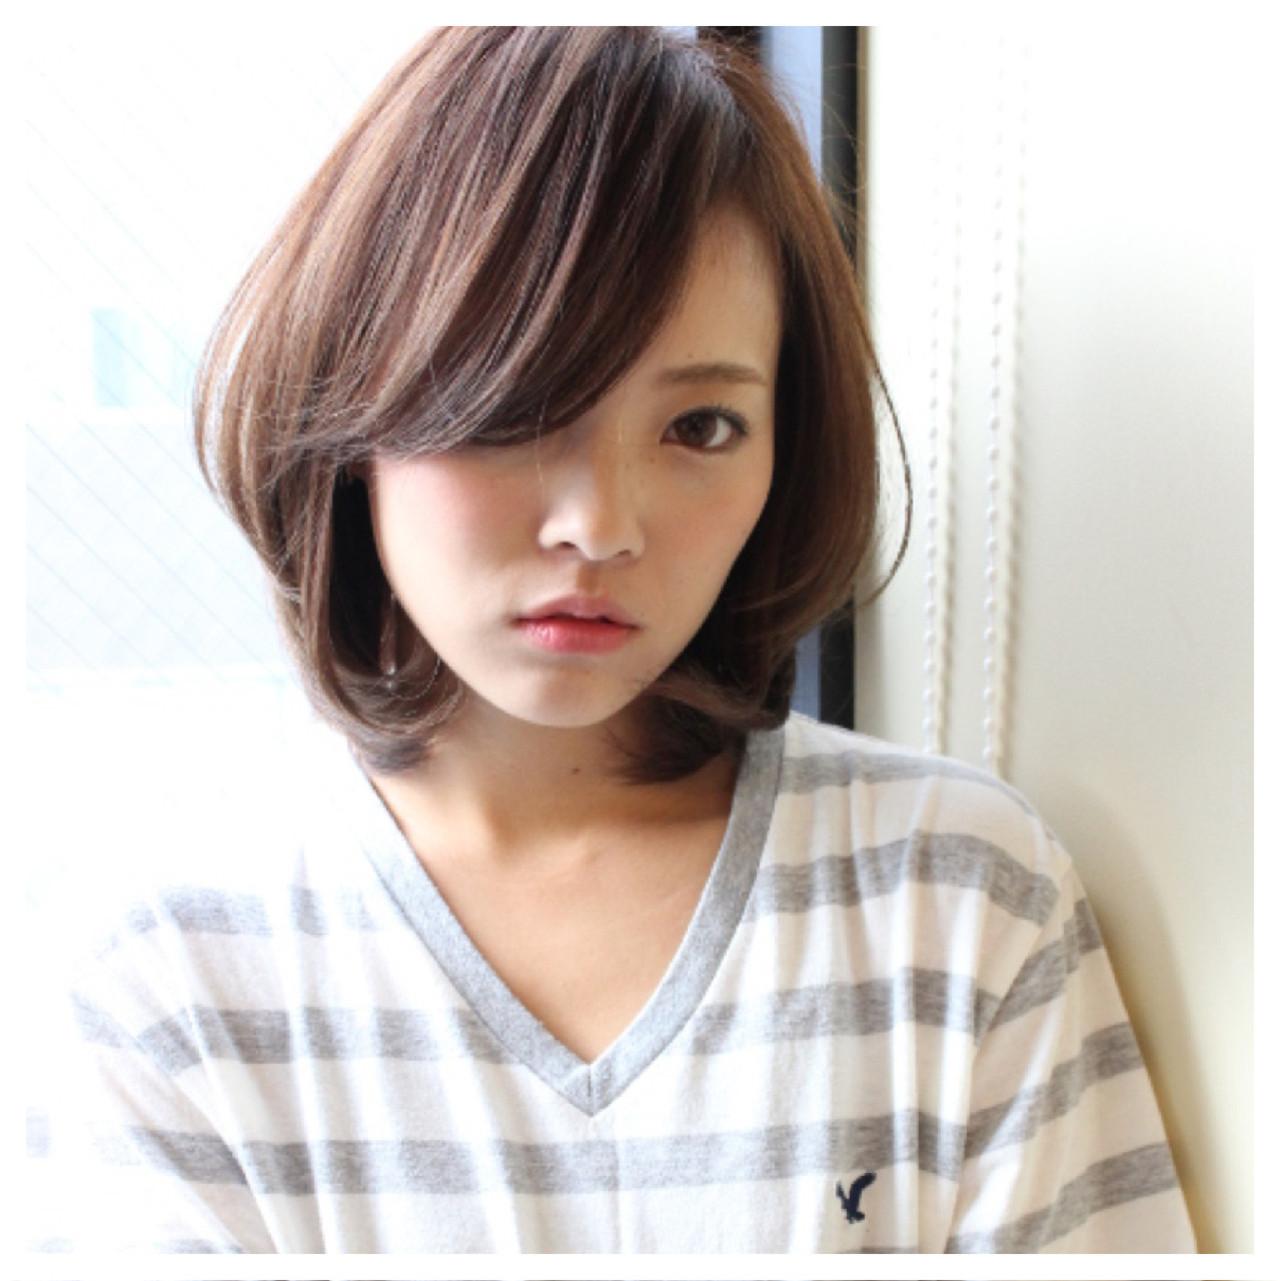 前髪あり ミディアム 抜け感 ナチュラル ヘアスタイルや髪型の写真・画像 | Masanori Yamasaki / Reuna(レウナ)